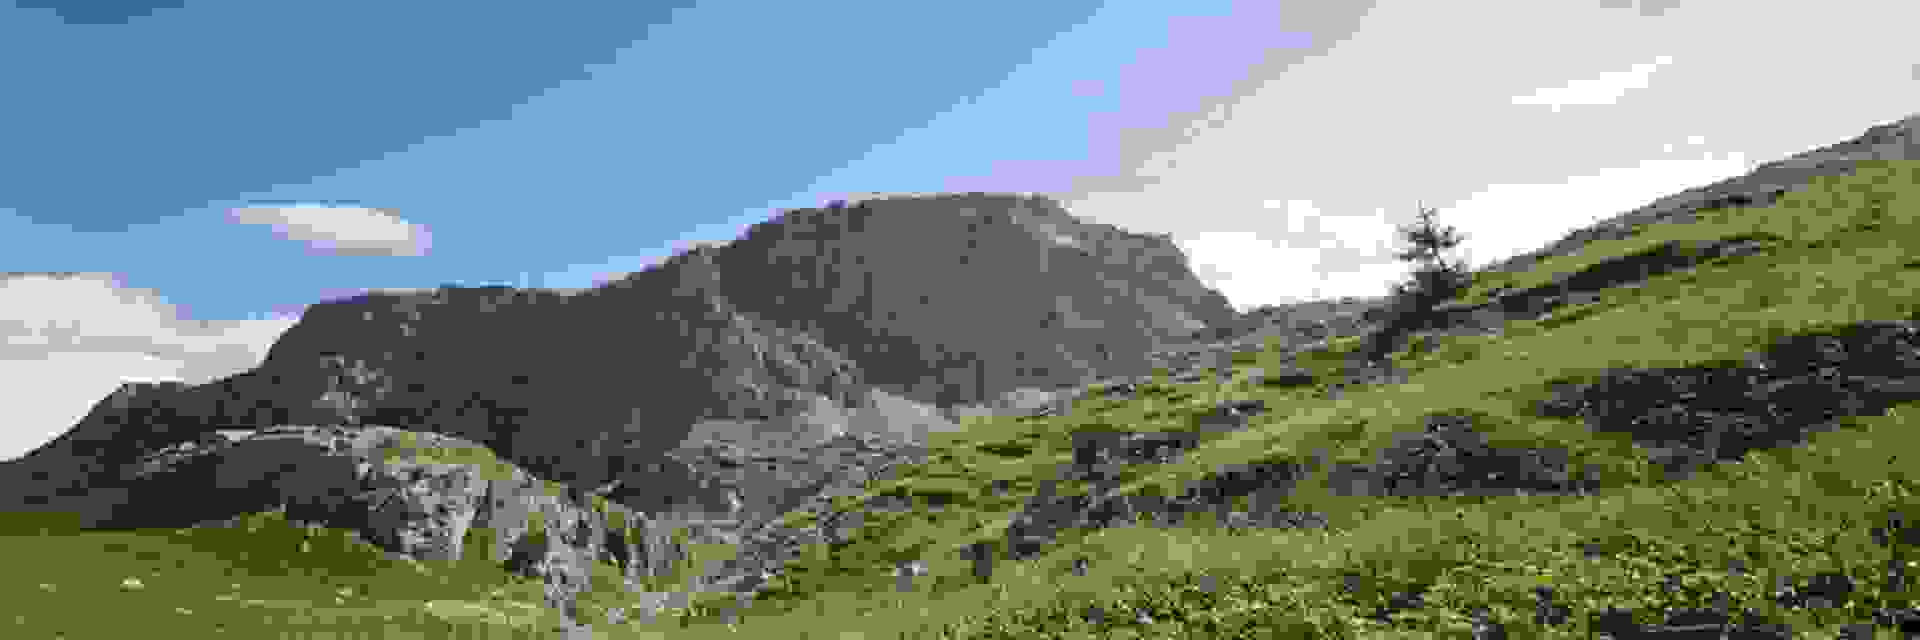 Eine Panoramaaufnahme einer saftig grünen Bergwiese